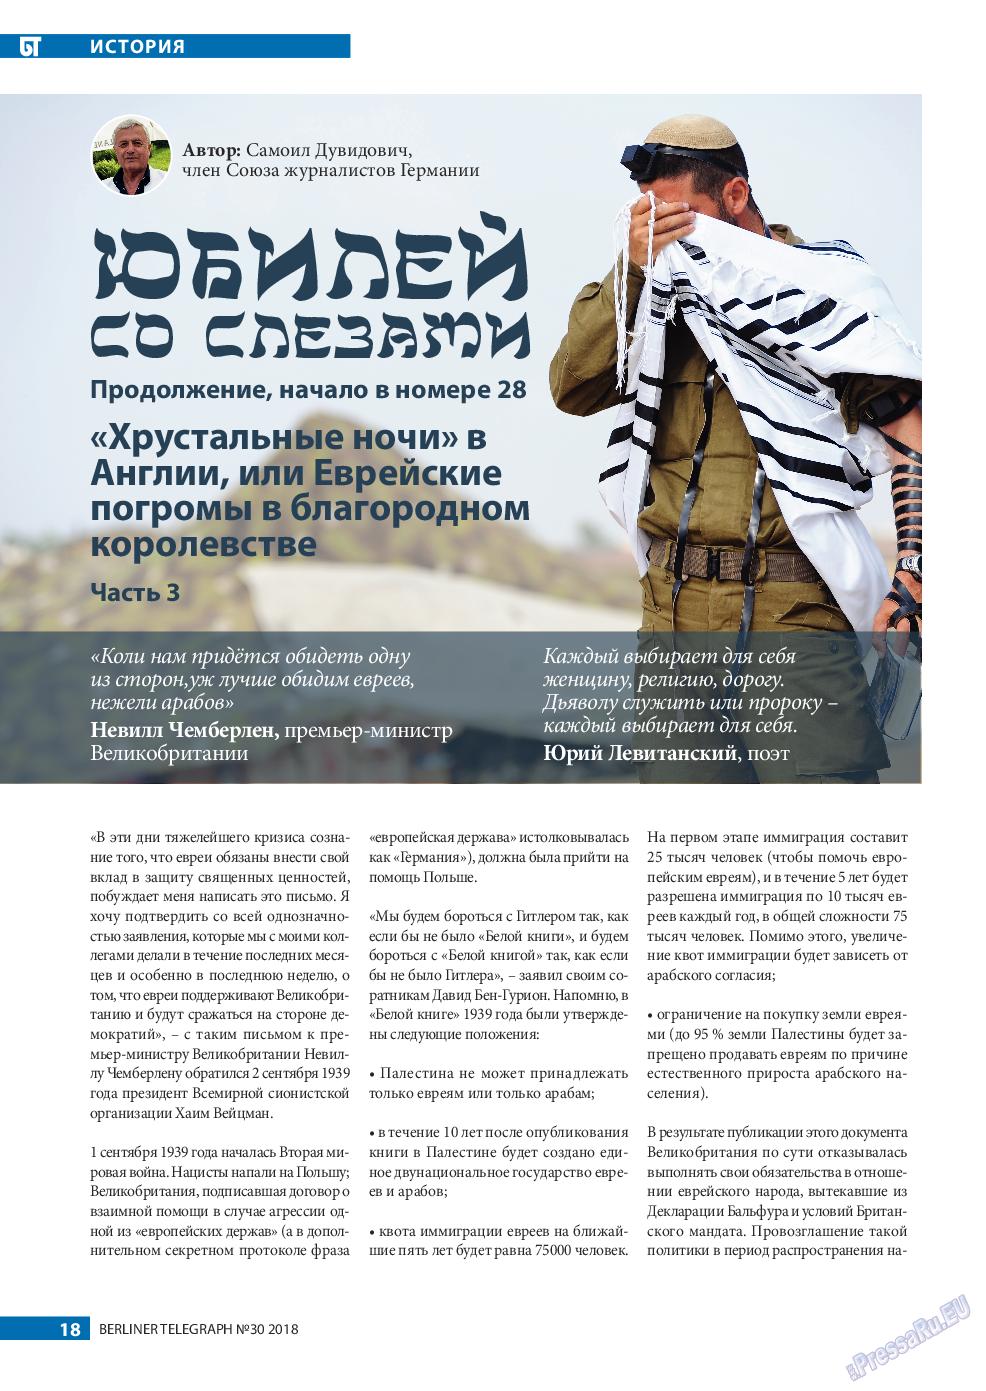 Берлинский телеграф (журнал). 2018 год, номер 30, стр. 18